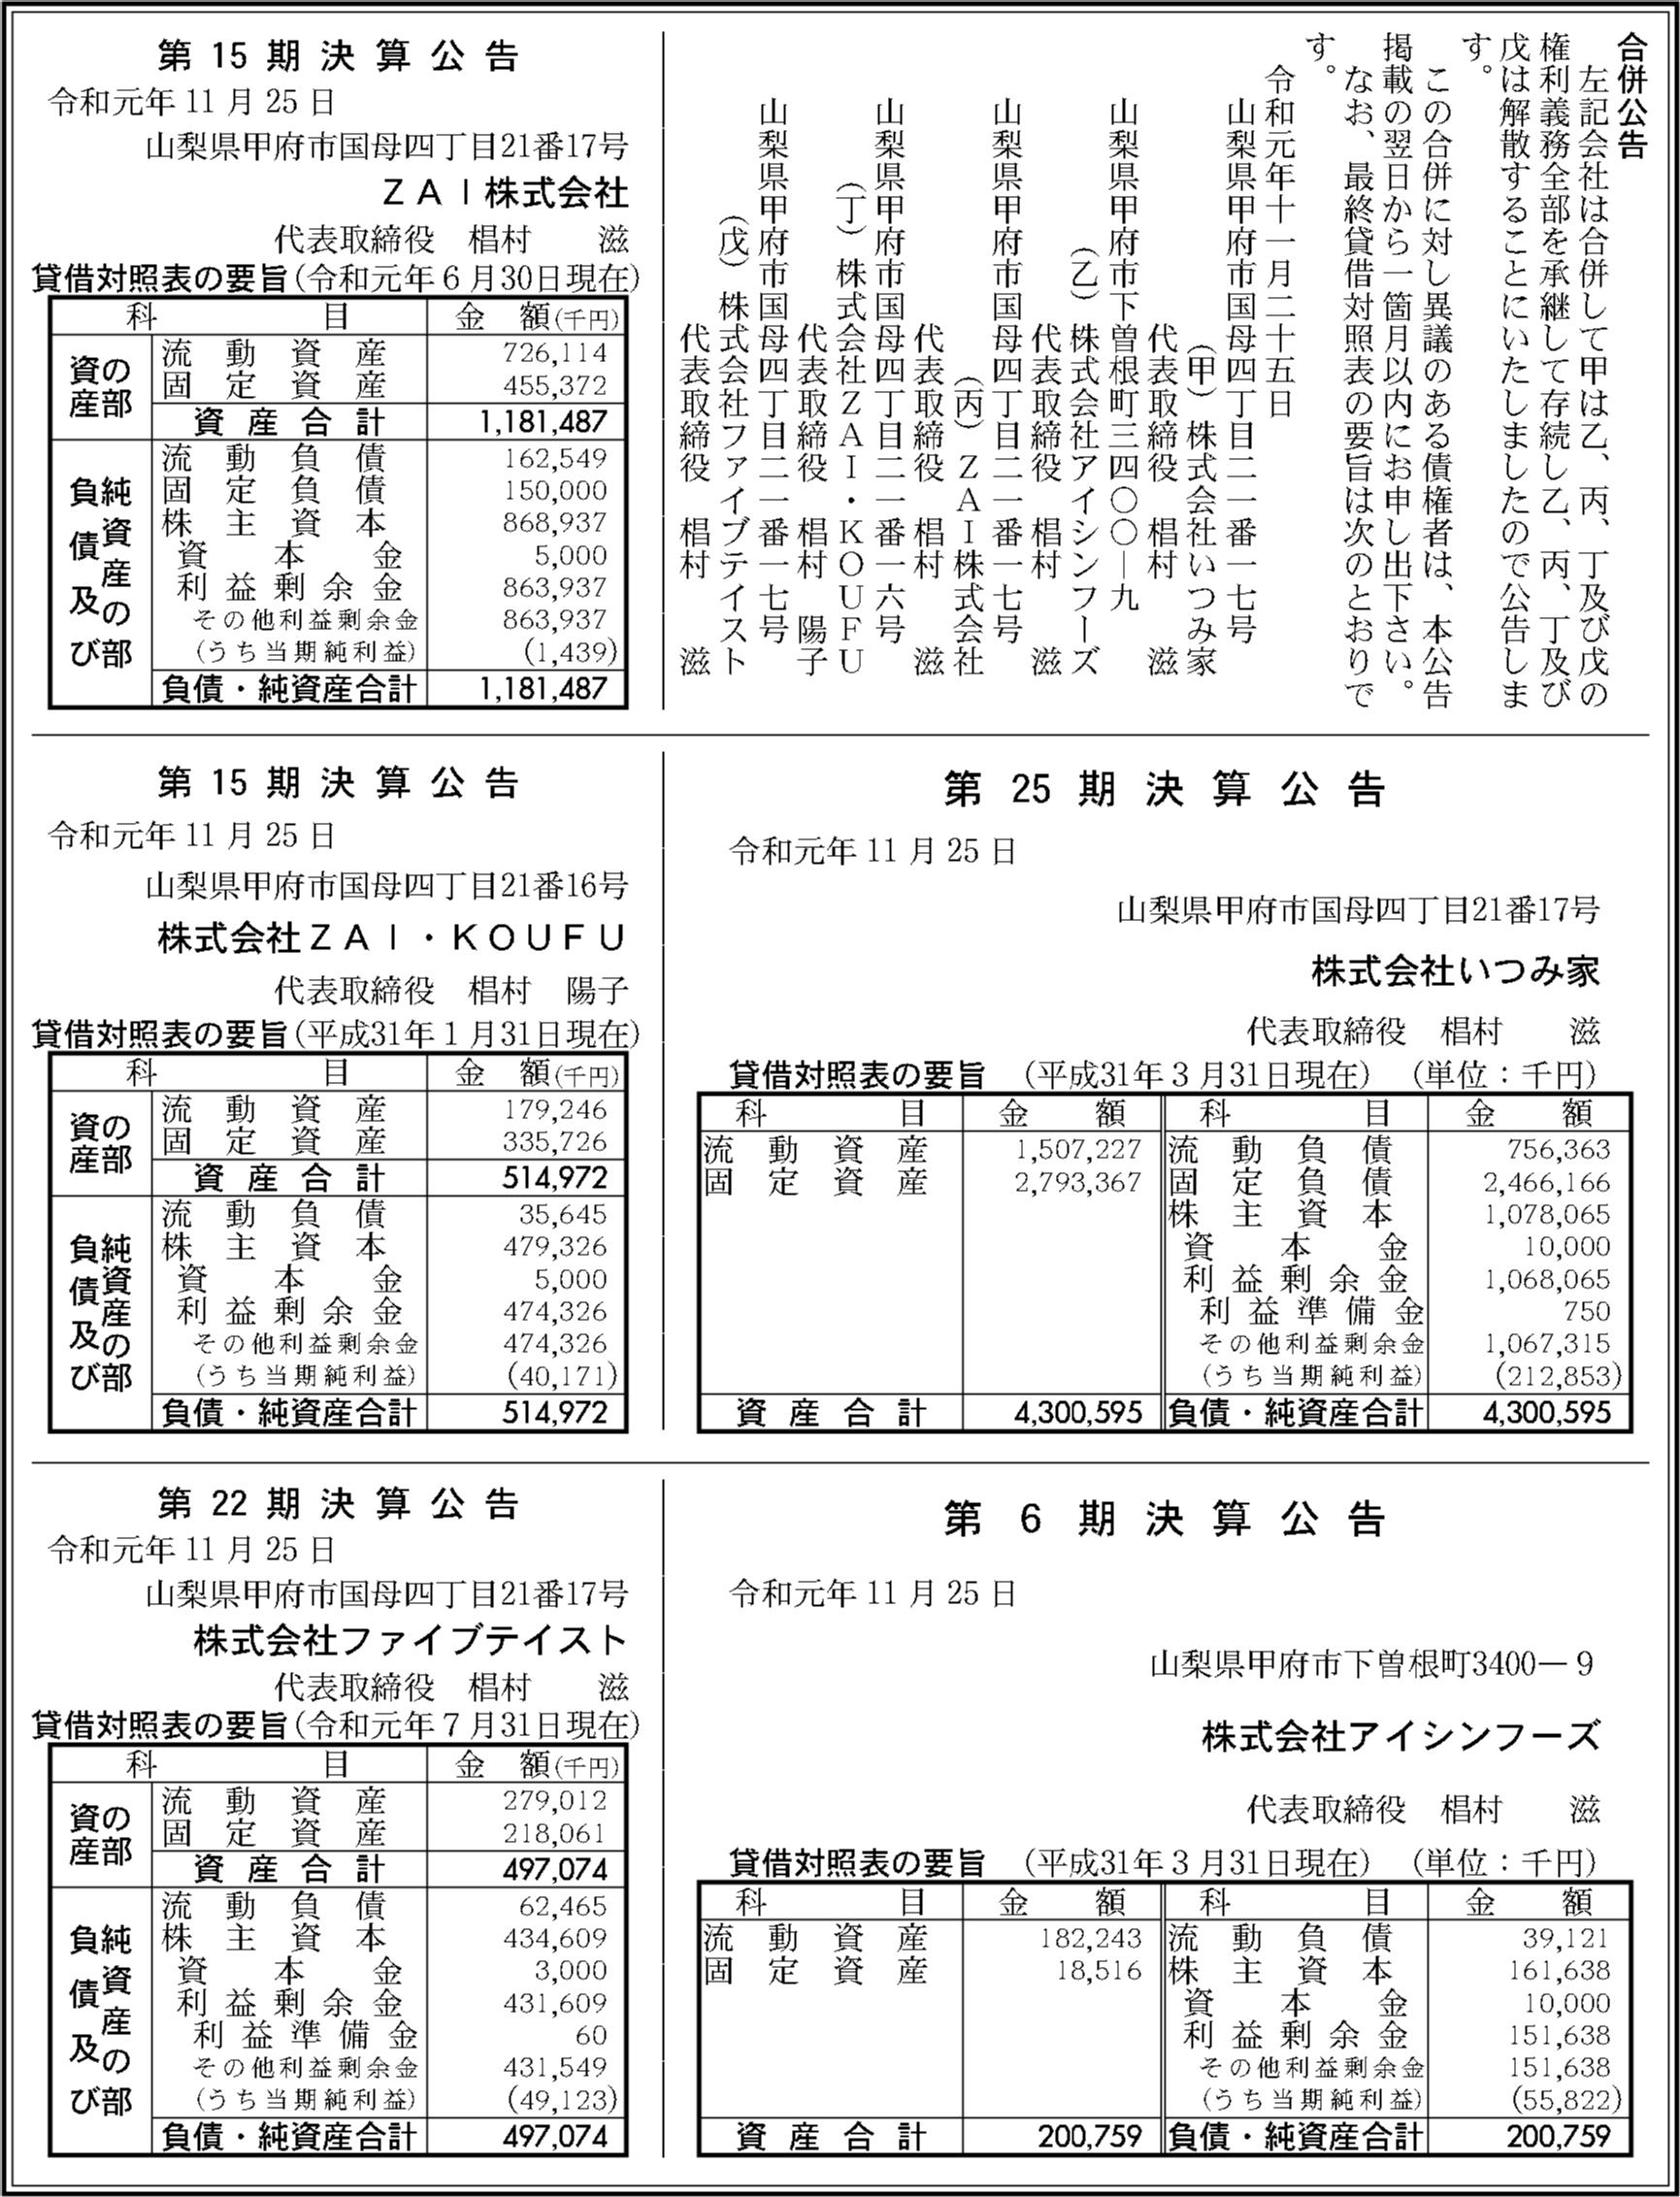 0061 b3a71596951f85873bac7f6f30863c74481036a34586c3f25a7f2f385c7882414394ea1a119196035bc56cfe8037d1203bdcb5c8795f0989a4928c306e2abc92 02